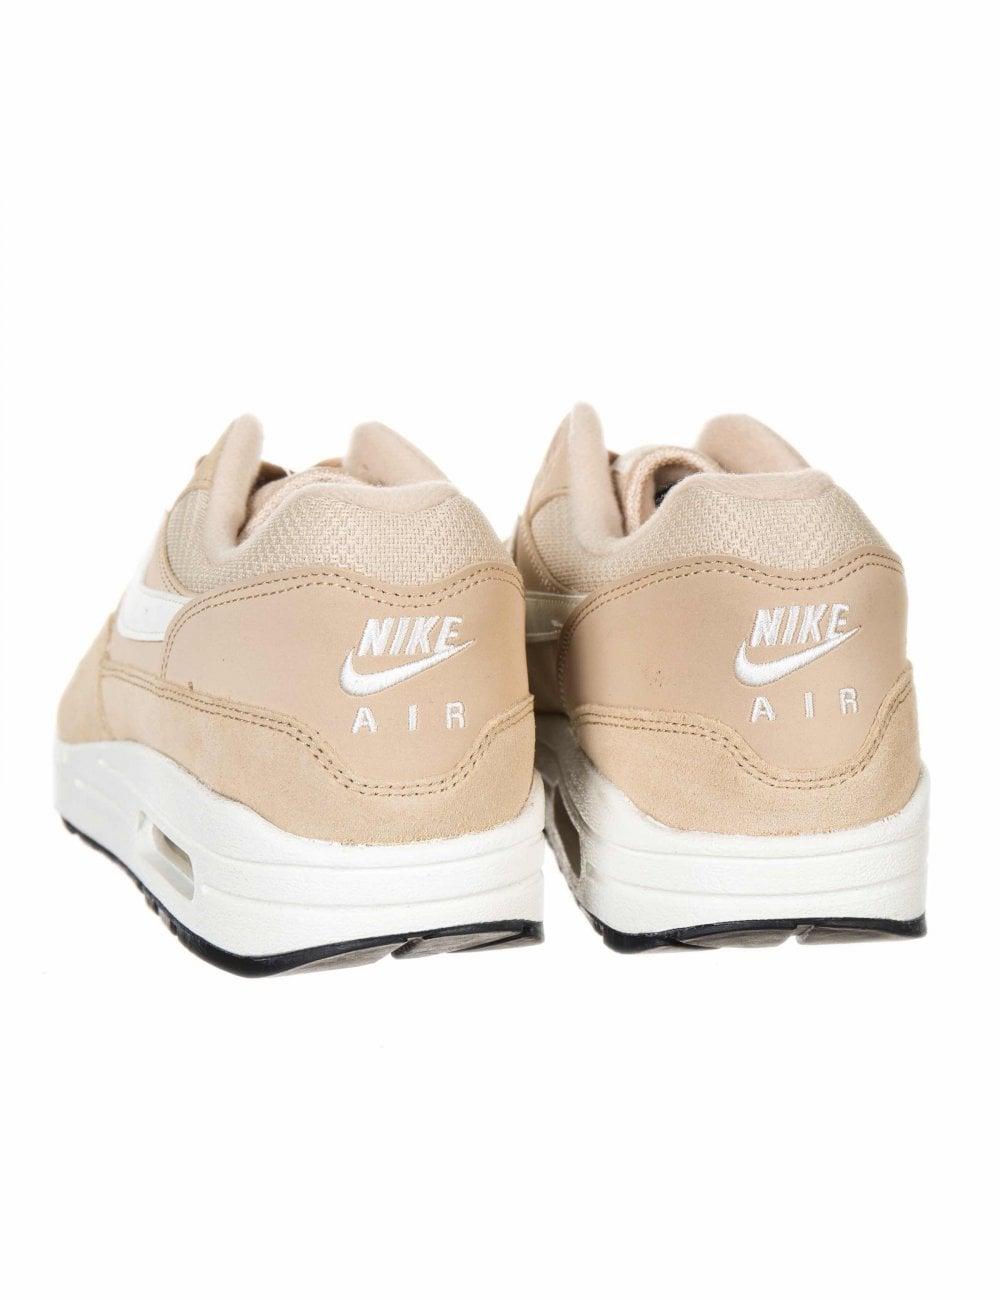 nike air max 1 beige trainers